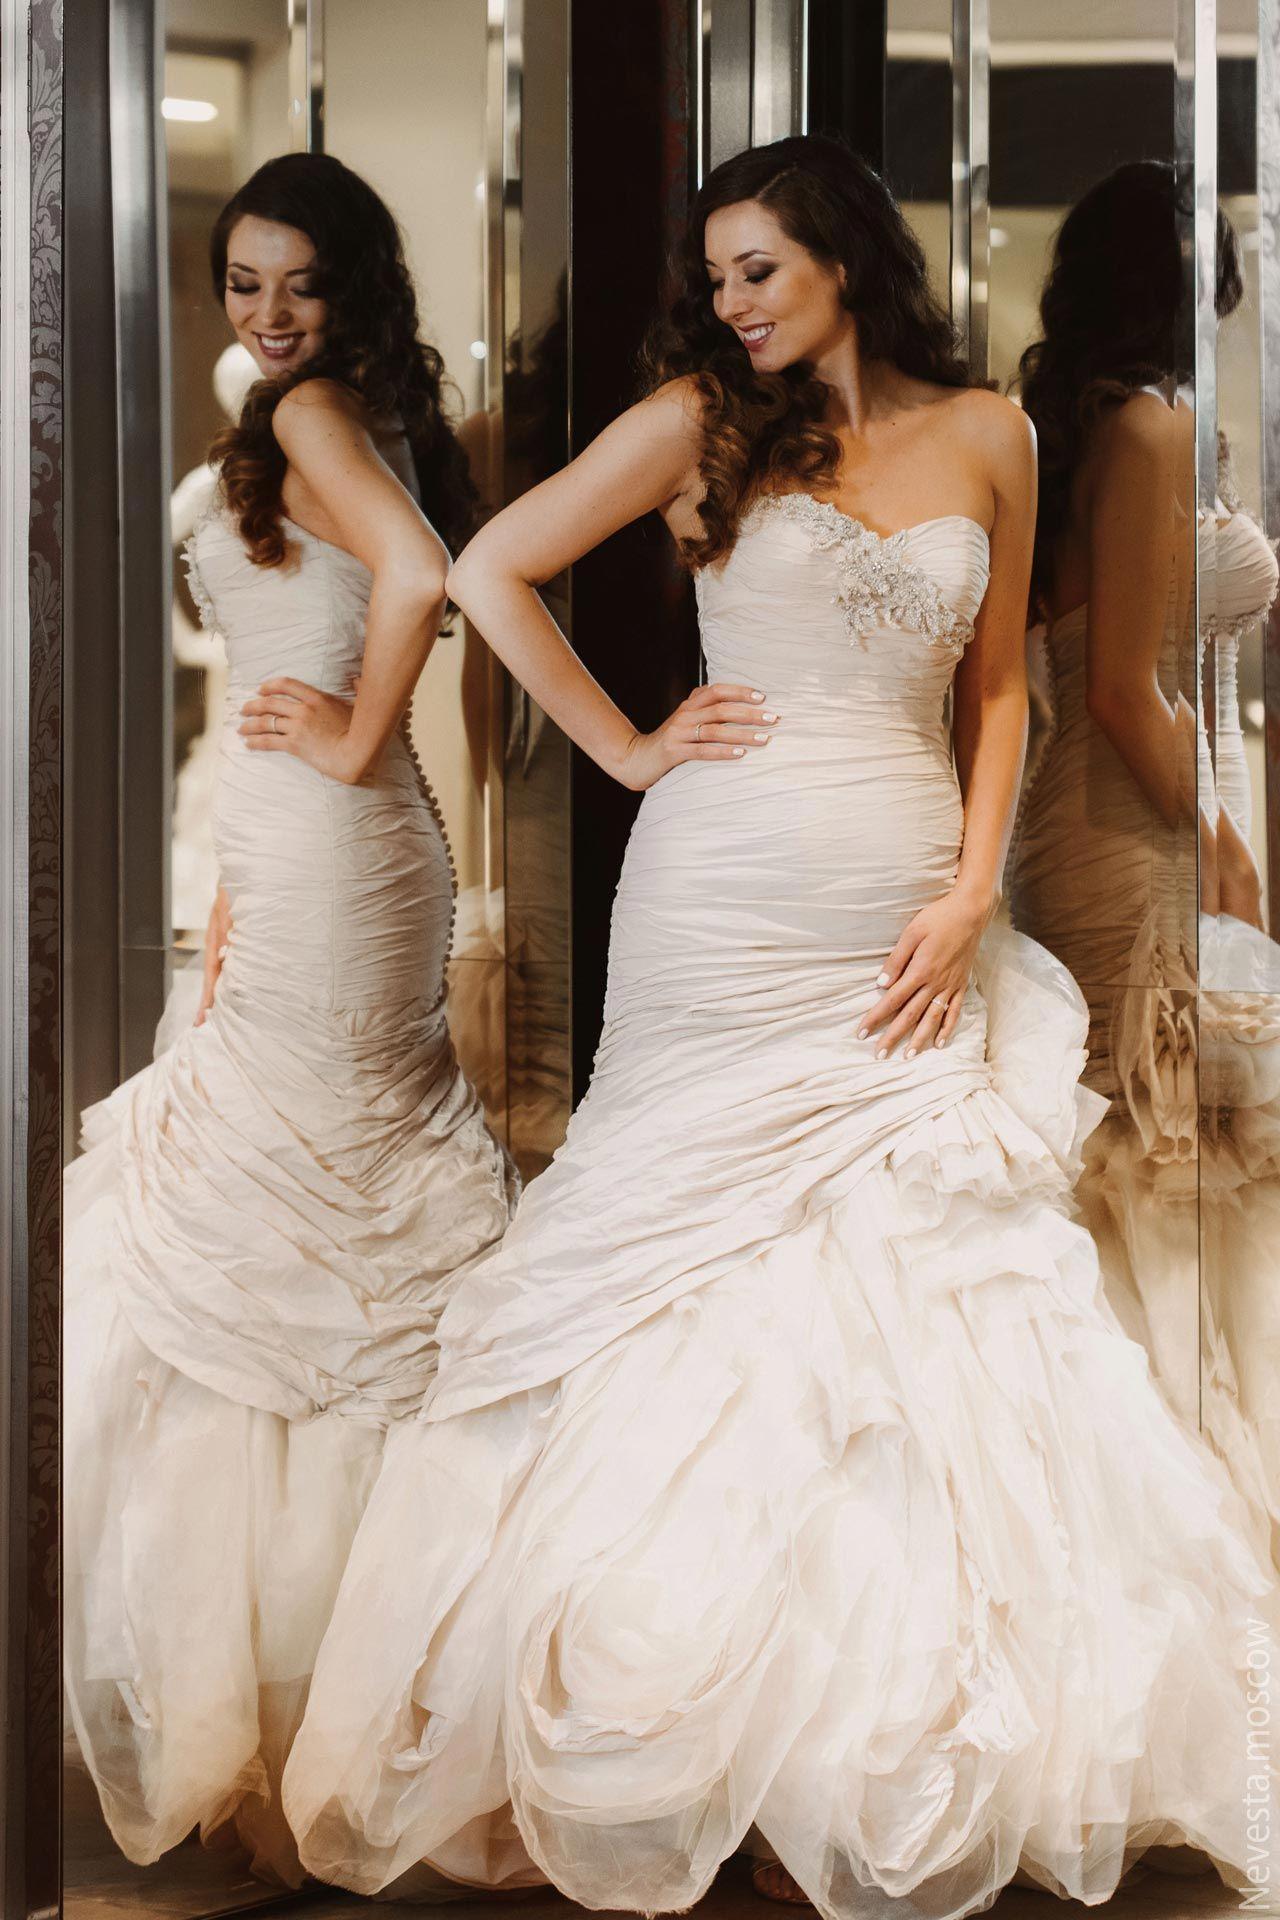 Рената Байкова примеряет свадебное платье фото 13